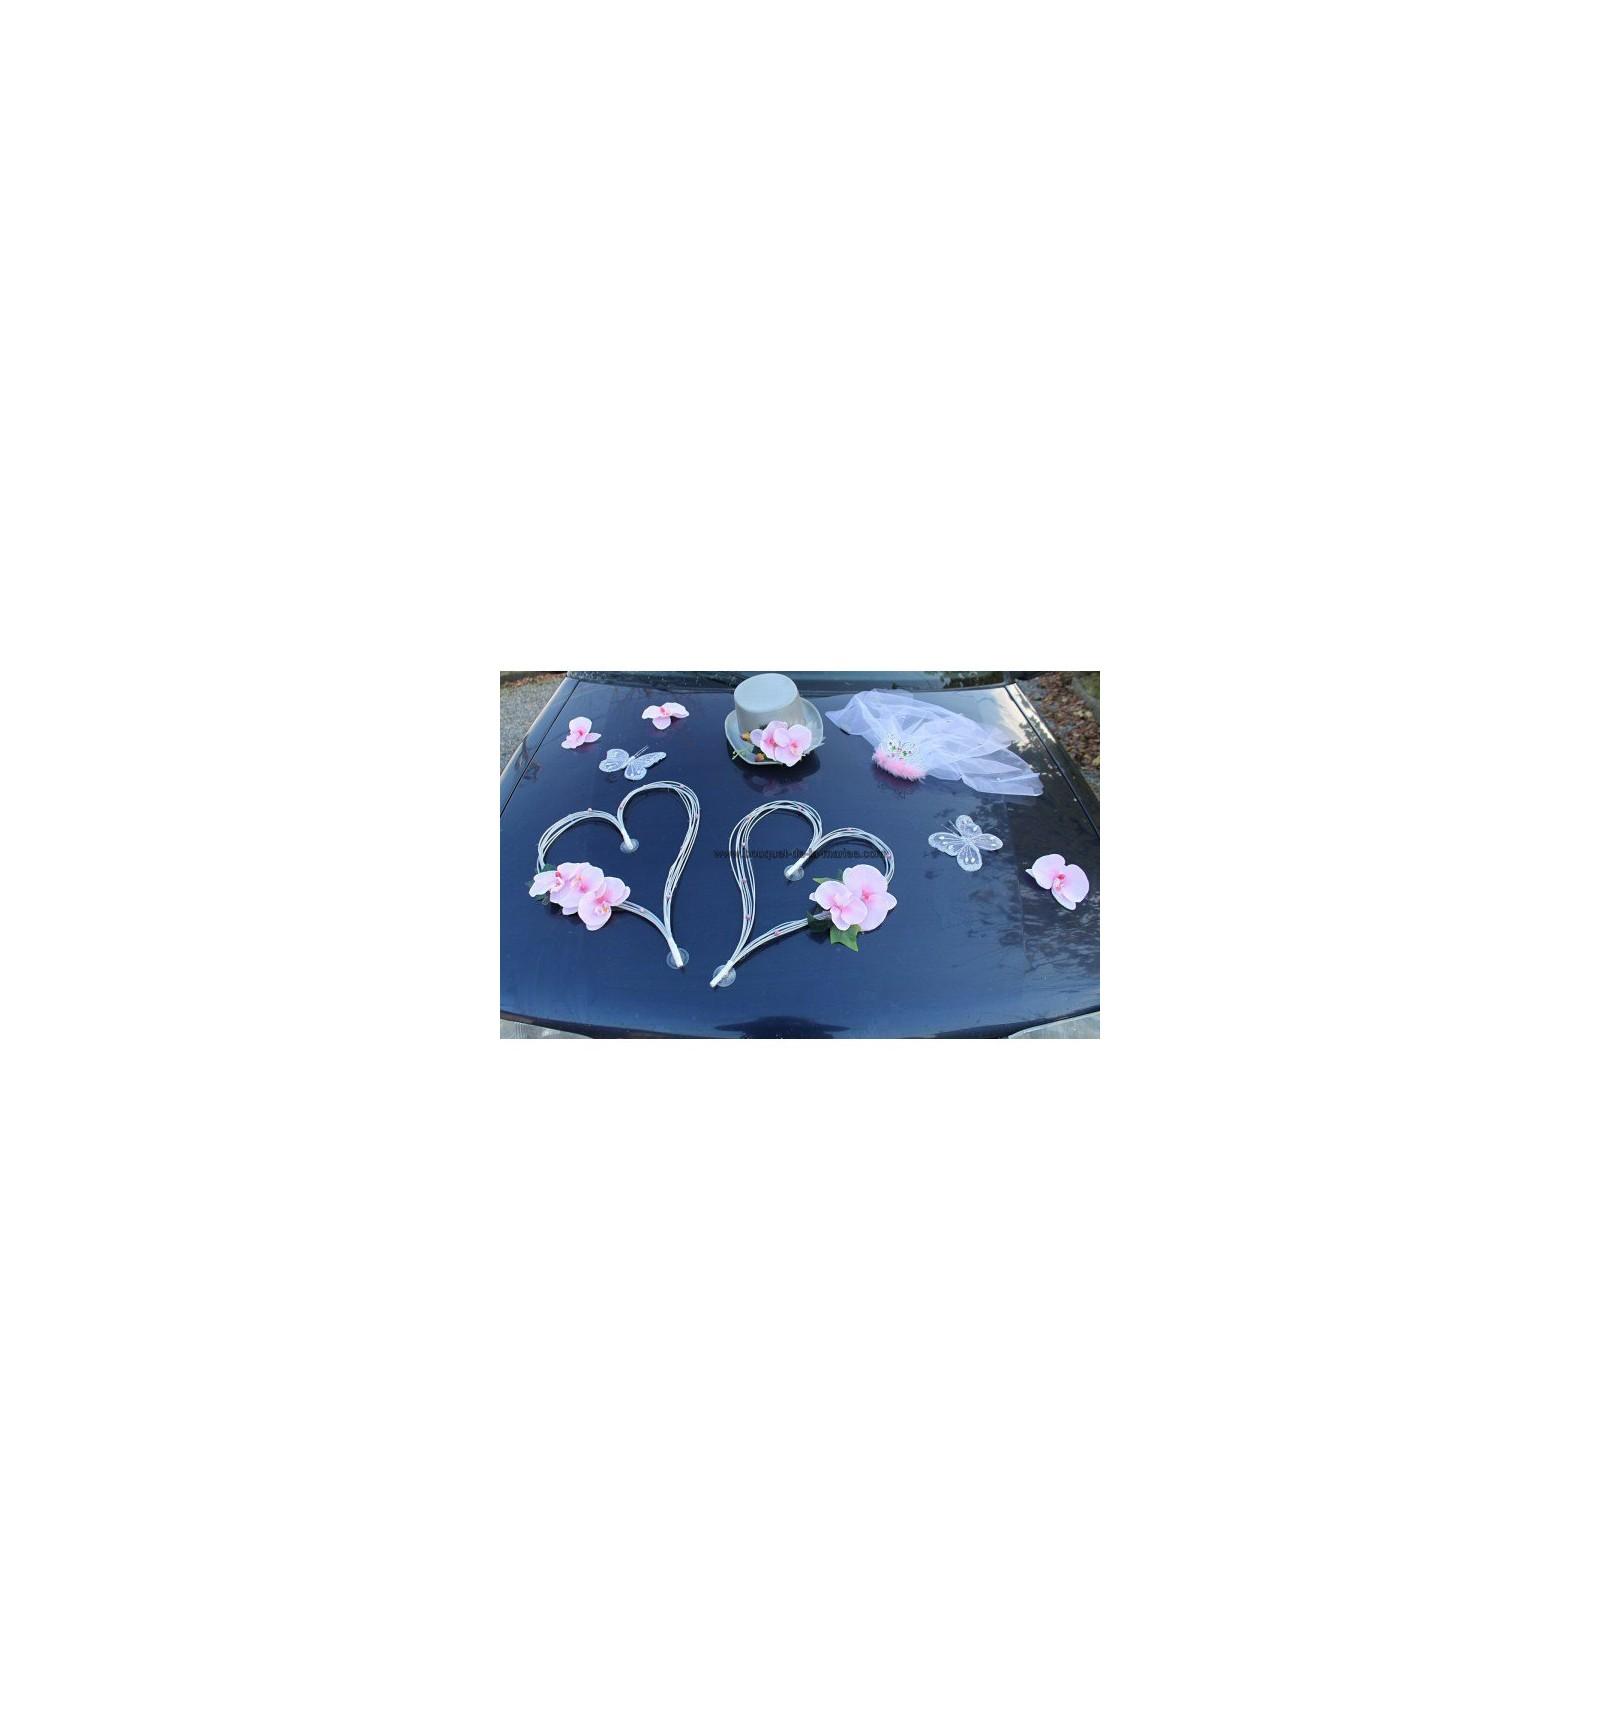 Decoration Voiture Mariage Gris Et Rose : Décoration voiture mariage orchidées et cœurs gris rose